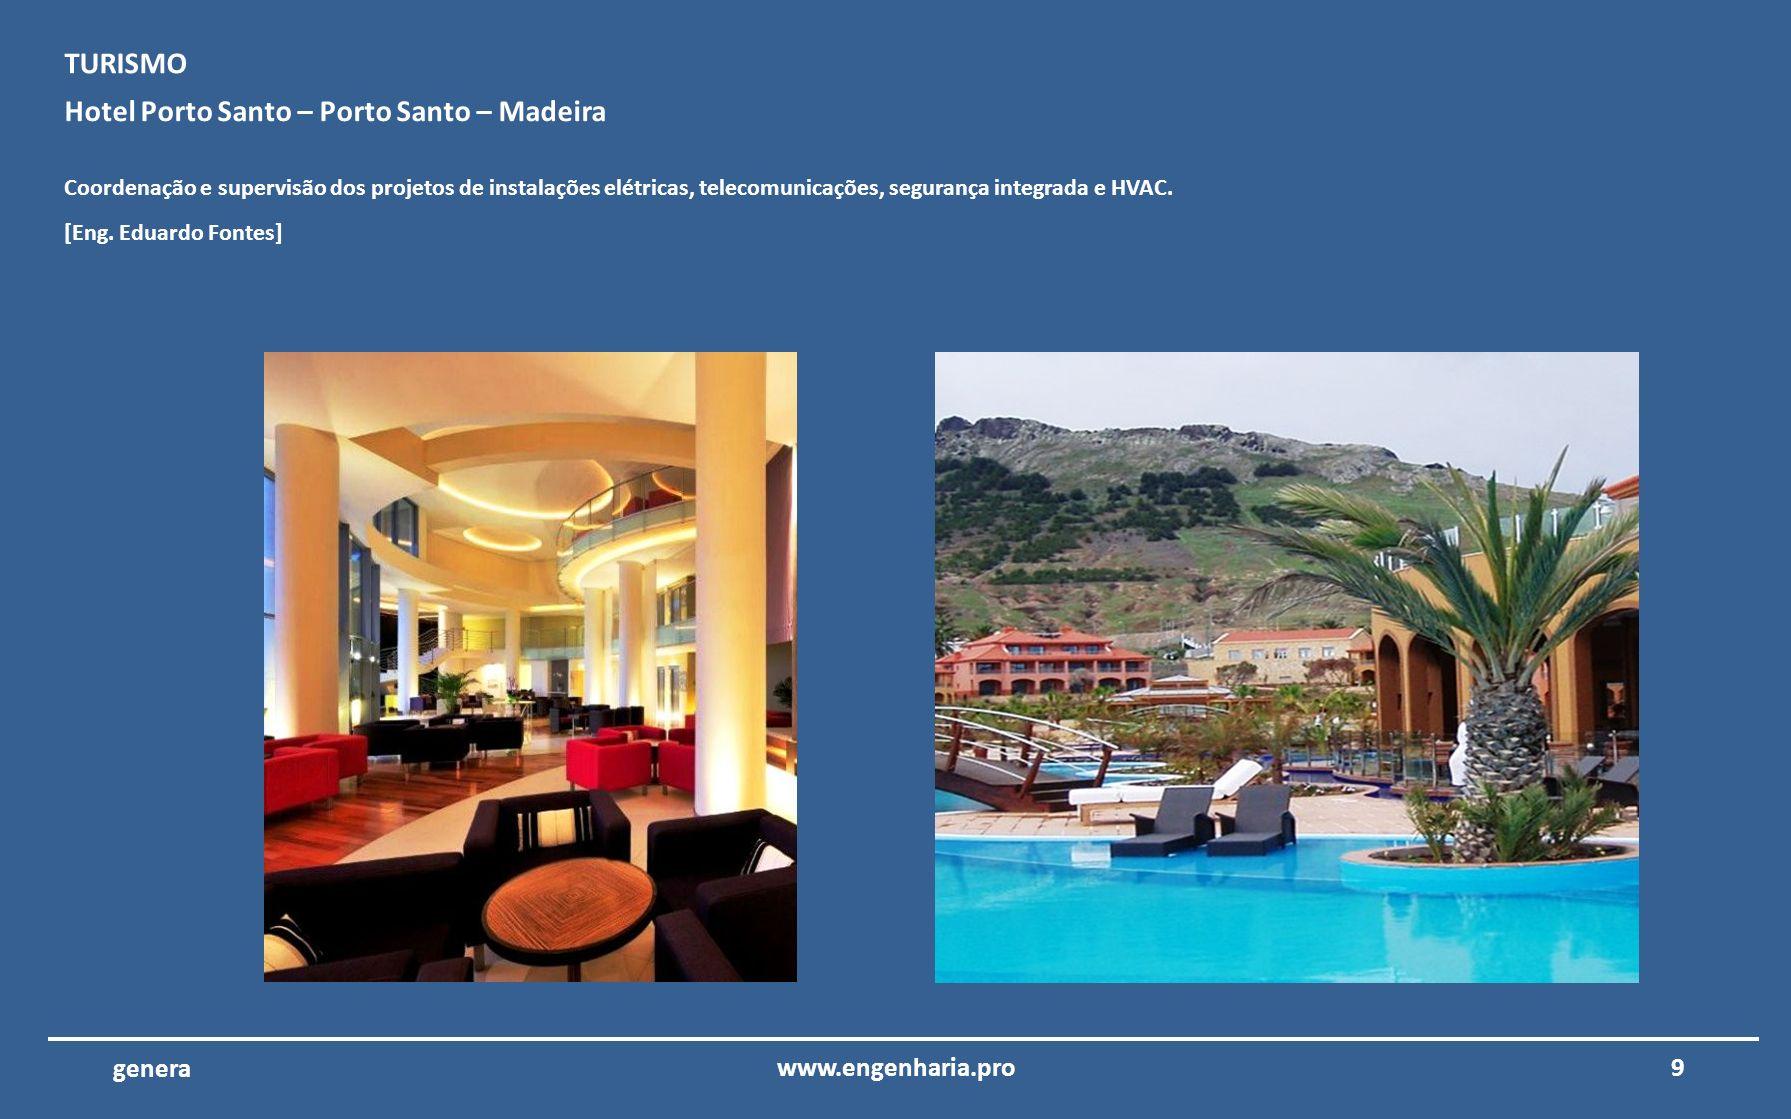 9www.engenharia.pro genera Hotel Porto Santo – Porto Santo – Madeira Coordenação e supervisão dos projetos de instalações elétricas, telecomunicações, segurança integrada e HVAC.